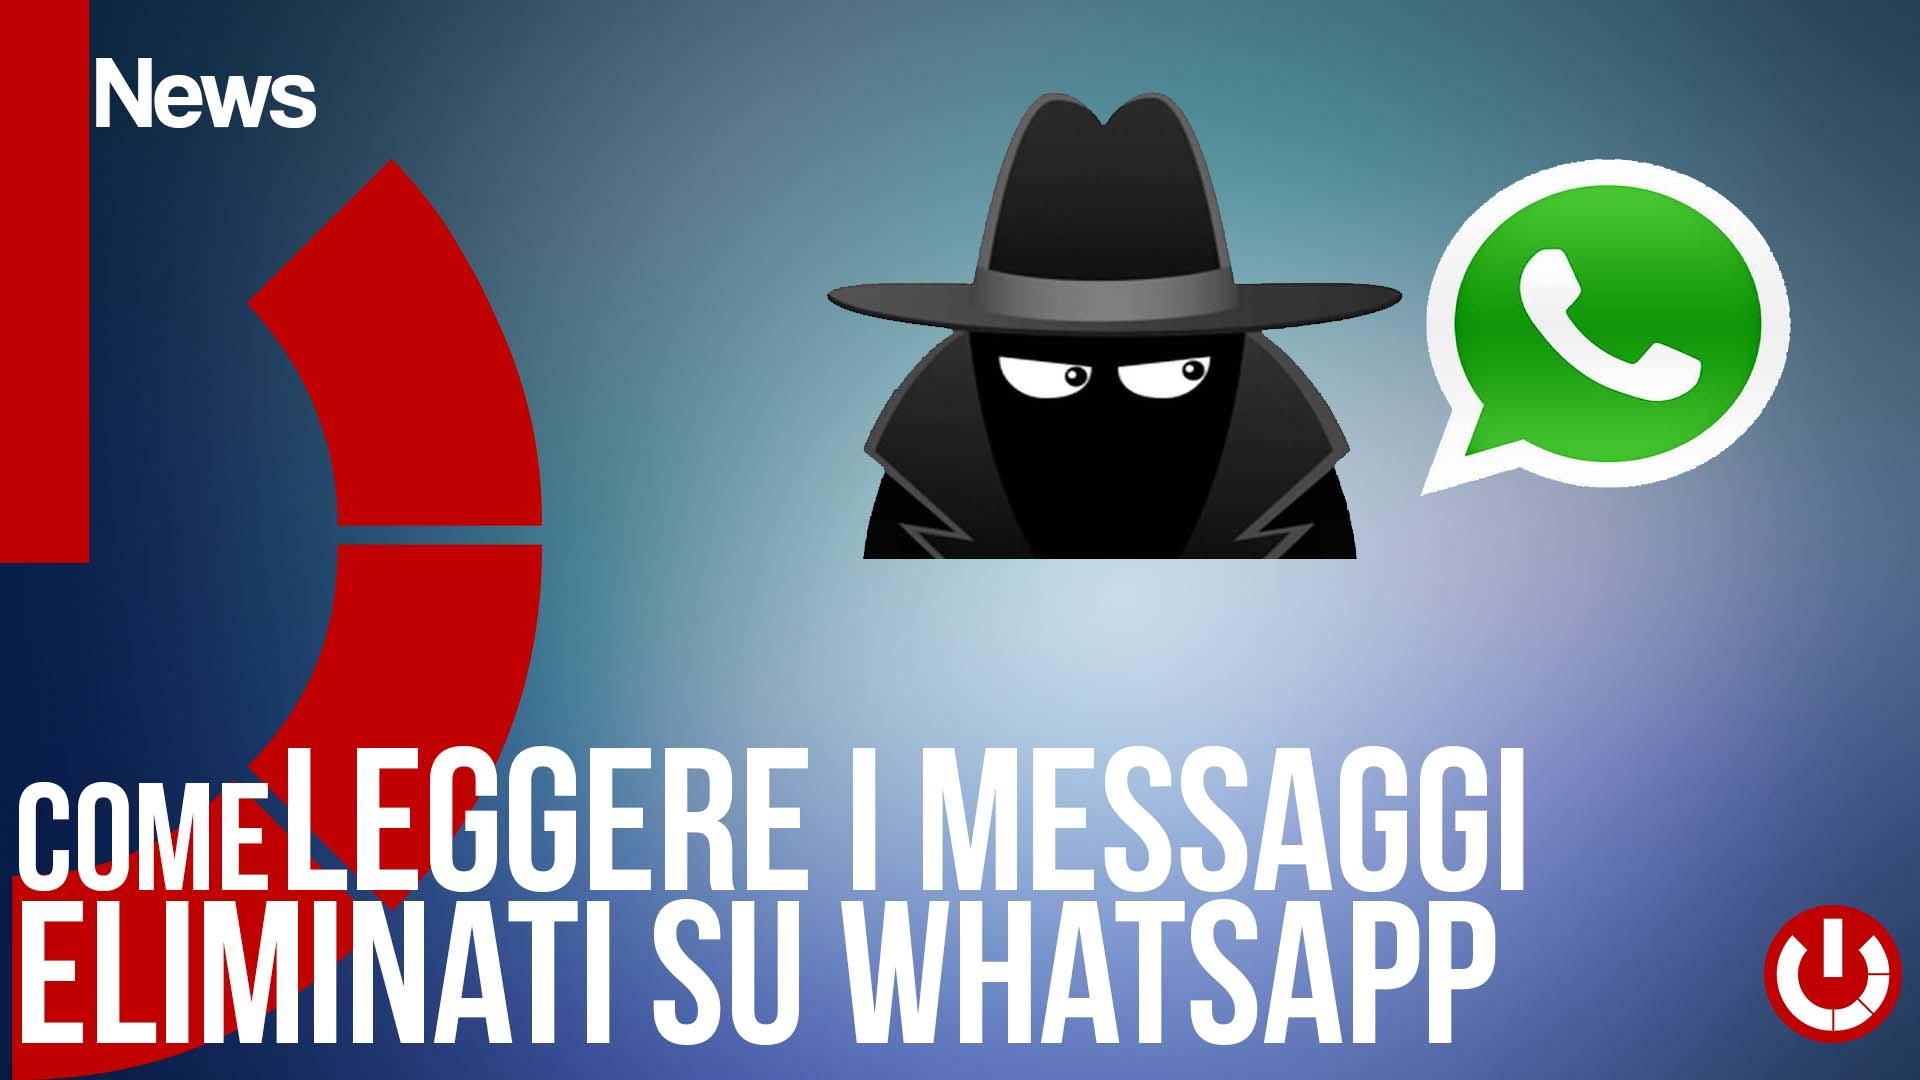 Come leggere i messaggi eliminati su whatsapp tecnogalaxy for Come leggere i progetti